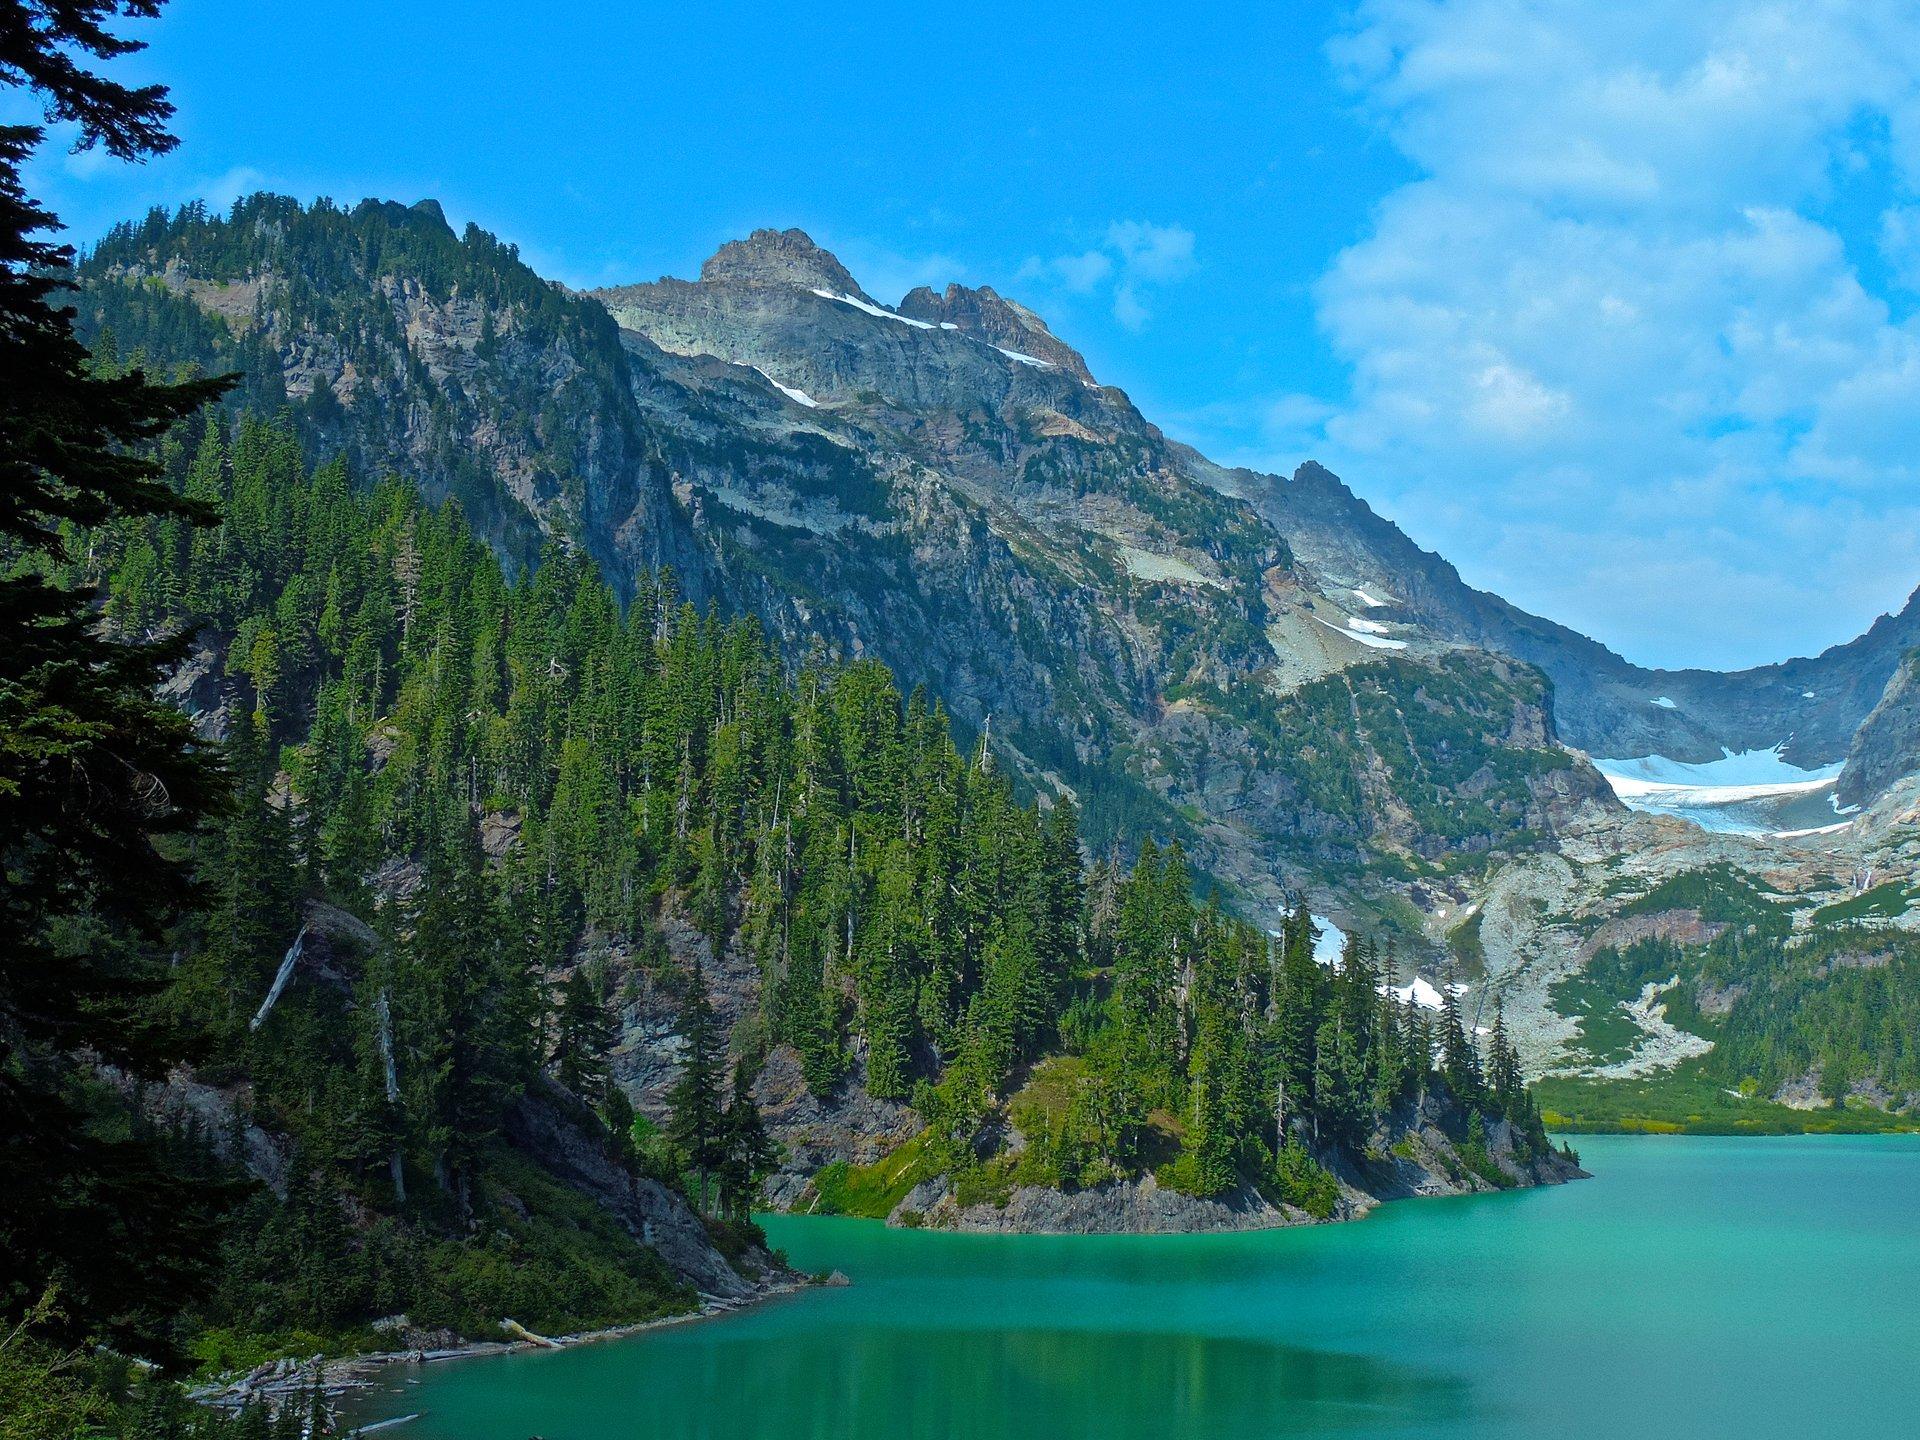 Blanca Lake and Columbia Peak 2020